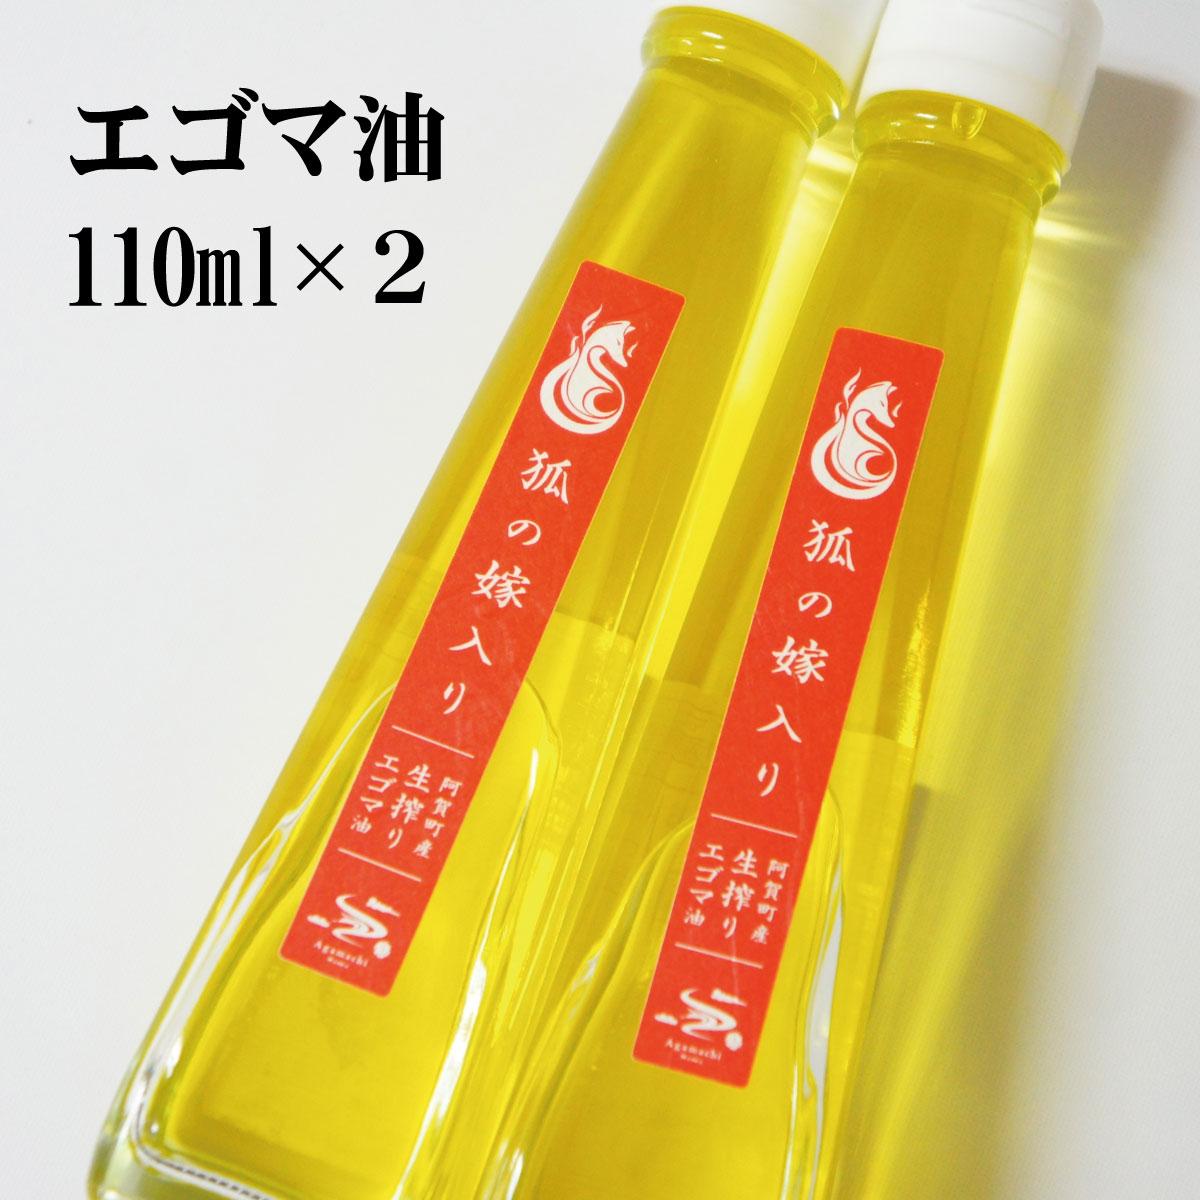 【ふるさと納税】狐の嫁入り(阿賀町産エゴマ油)2本セット